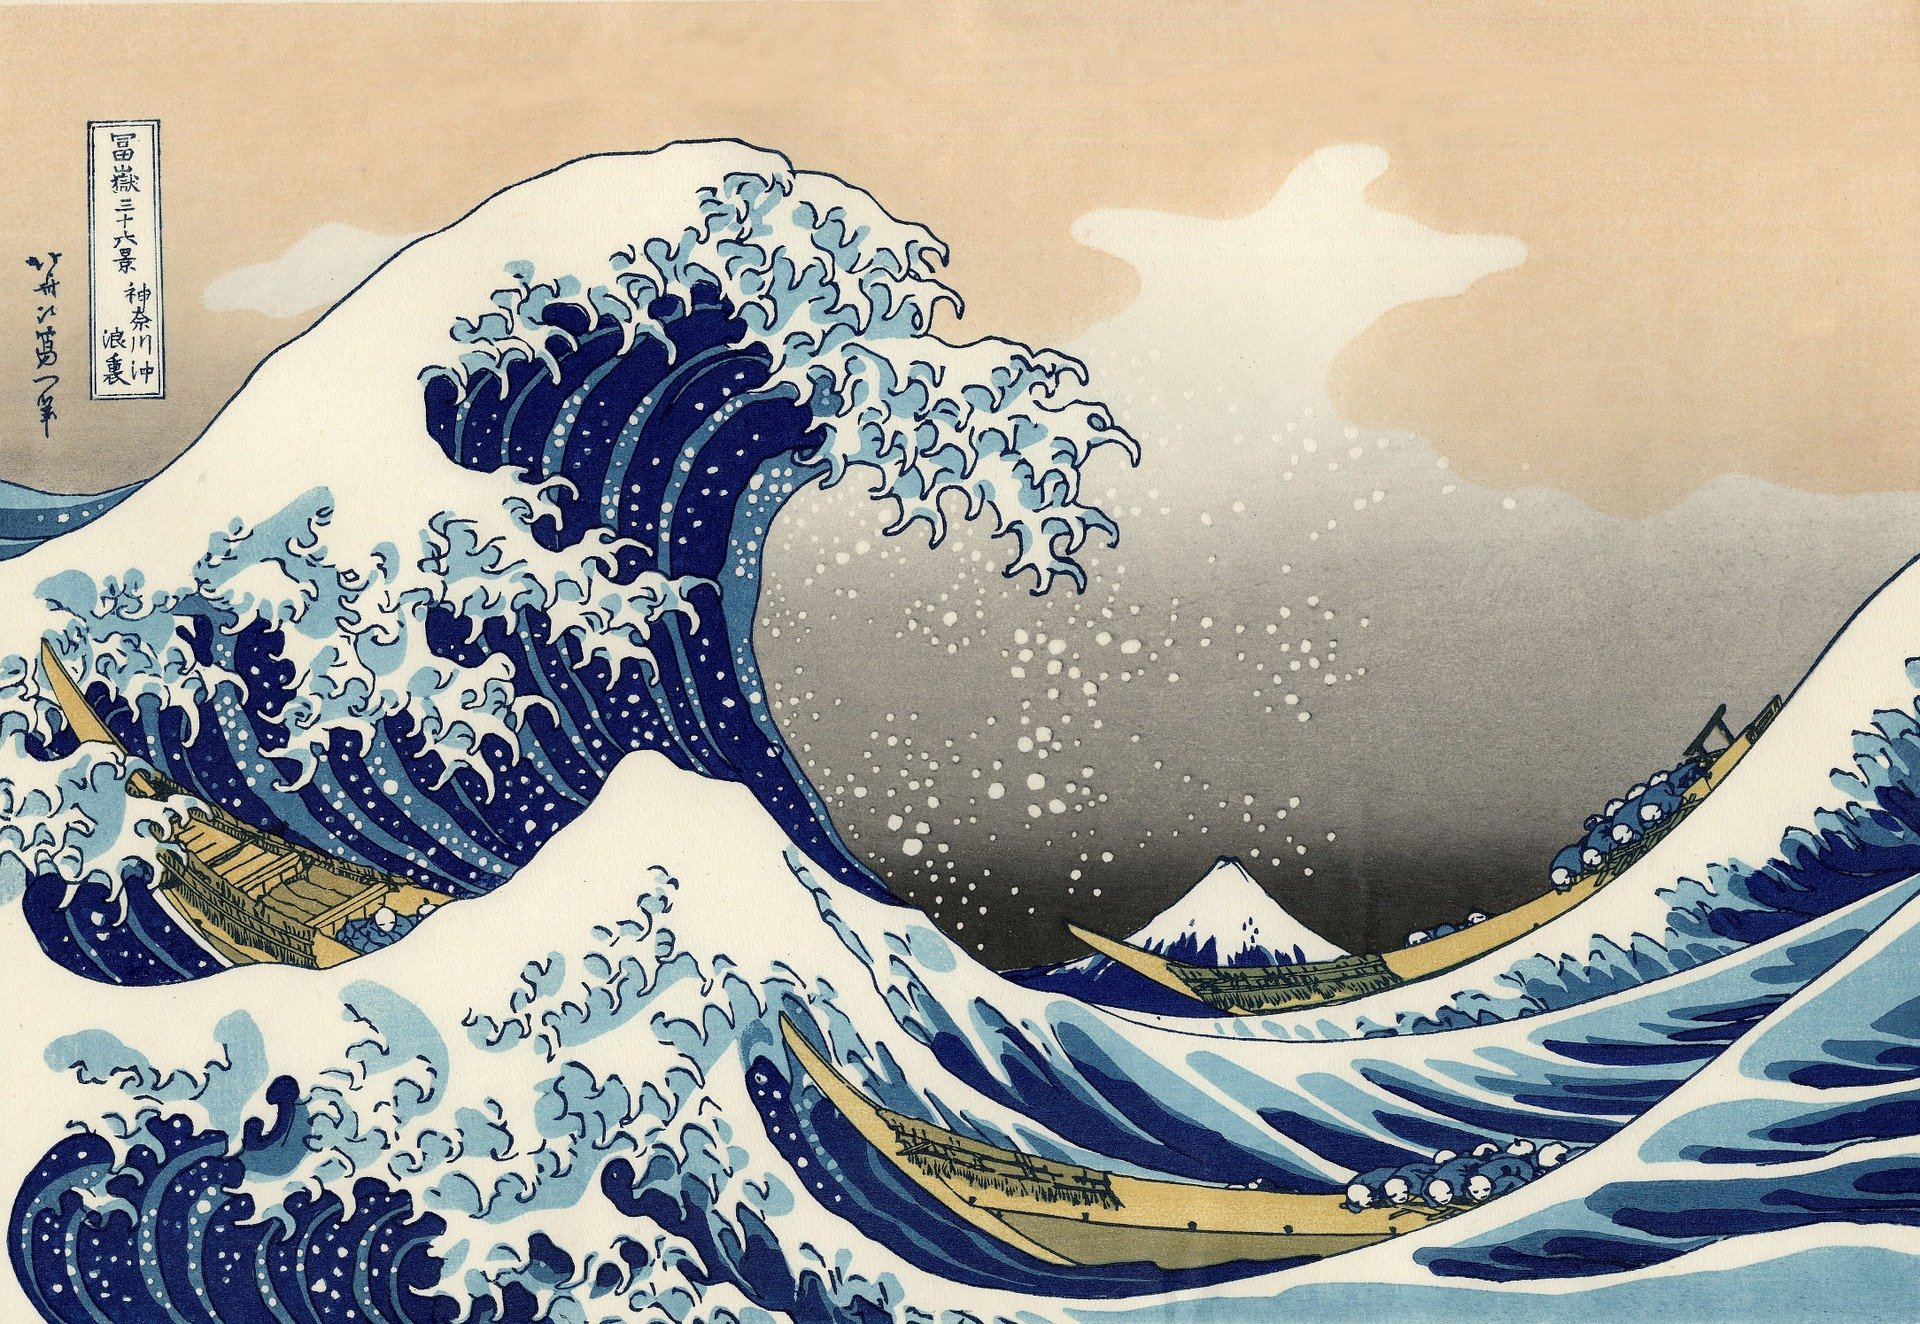 CONFÉRENCE de décembre 2018: JARDINS CHINOIS, JARDINS JAPONAIS. Microcosmes inspirés des sagesses Tao, shinto et zen